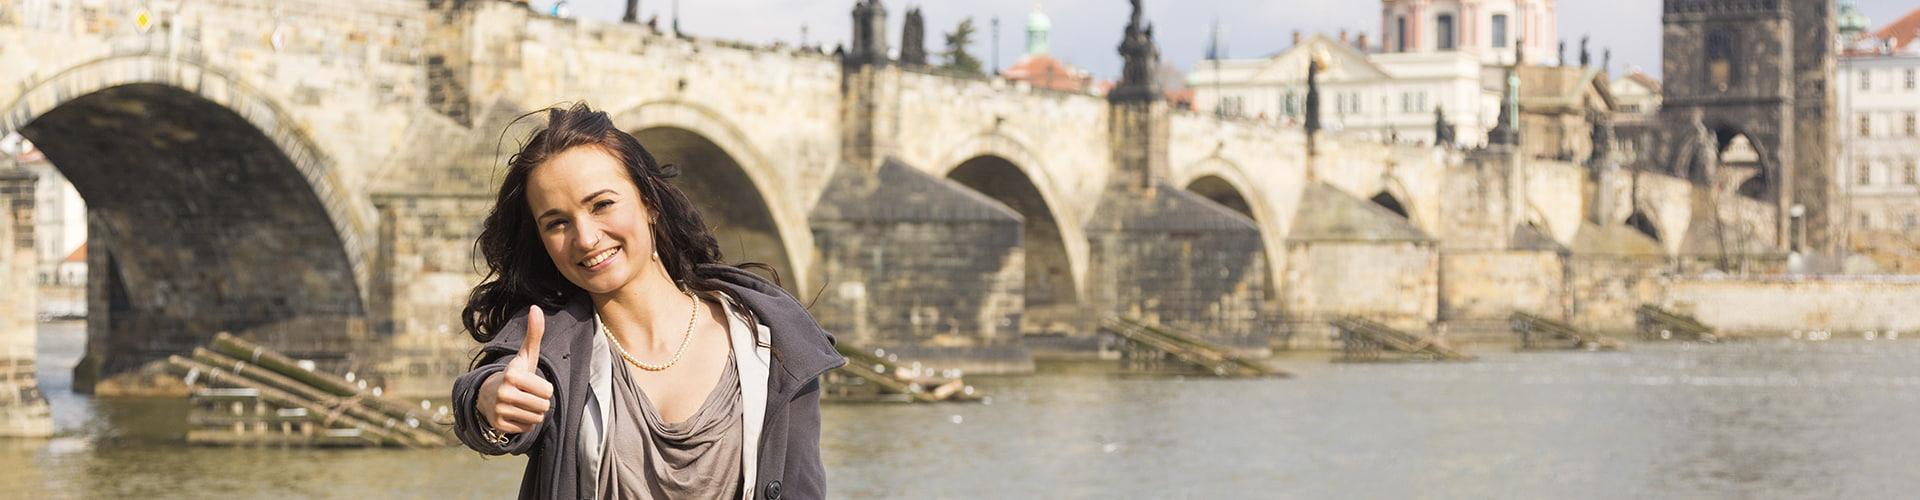 Курсы чешского языка в Праге eurostudy